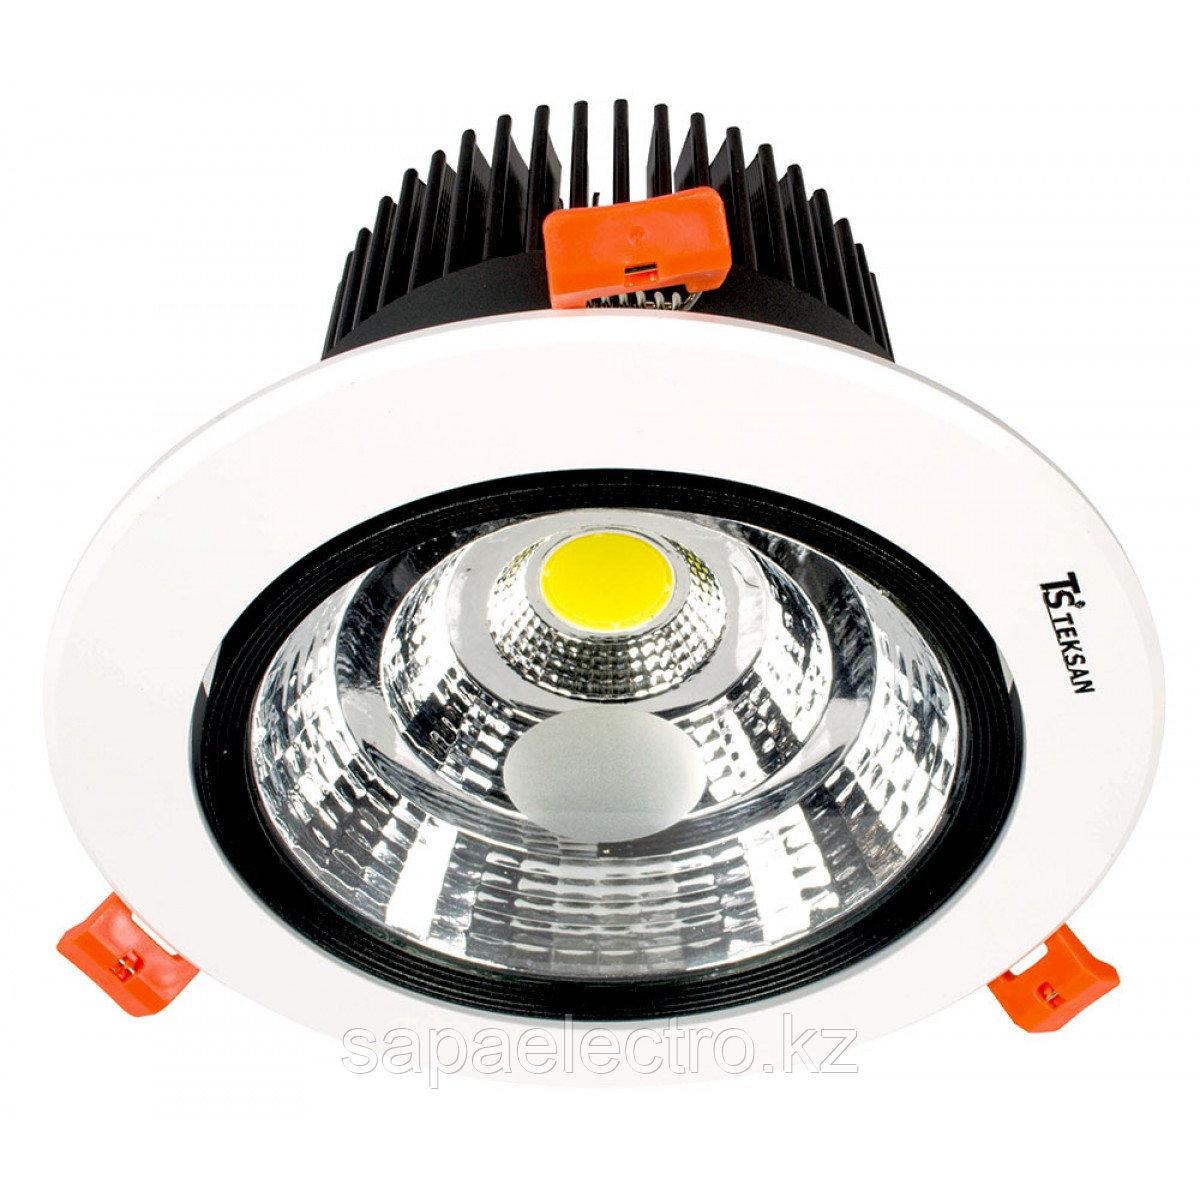 Свет-к DOWNLIGHT LED 627B 30W WHITE 5000K (TS)20шт